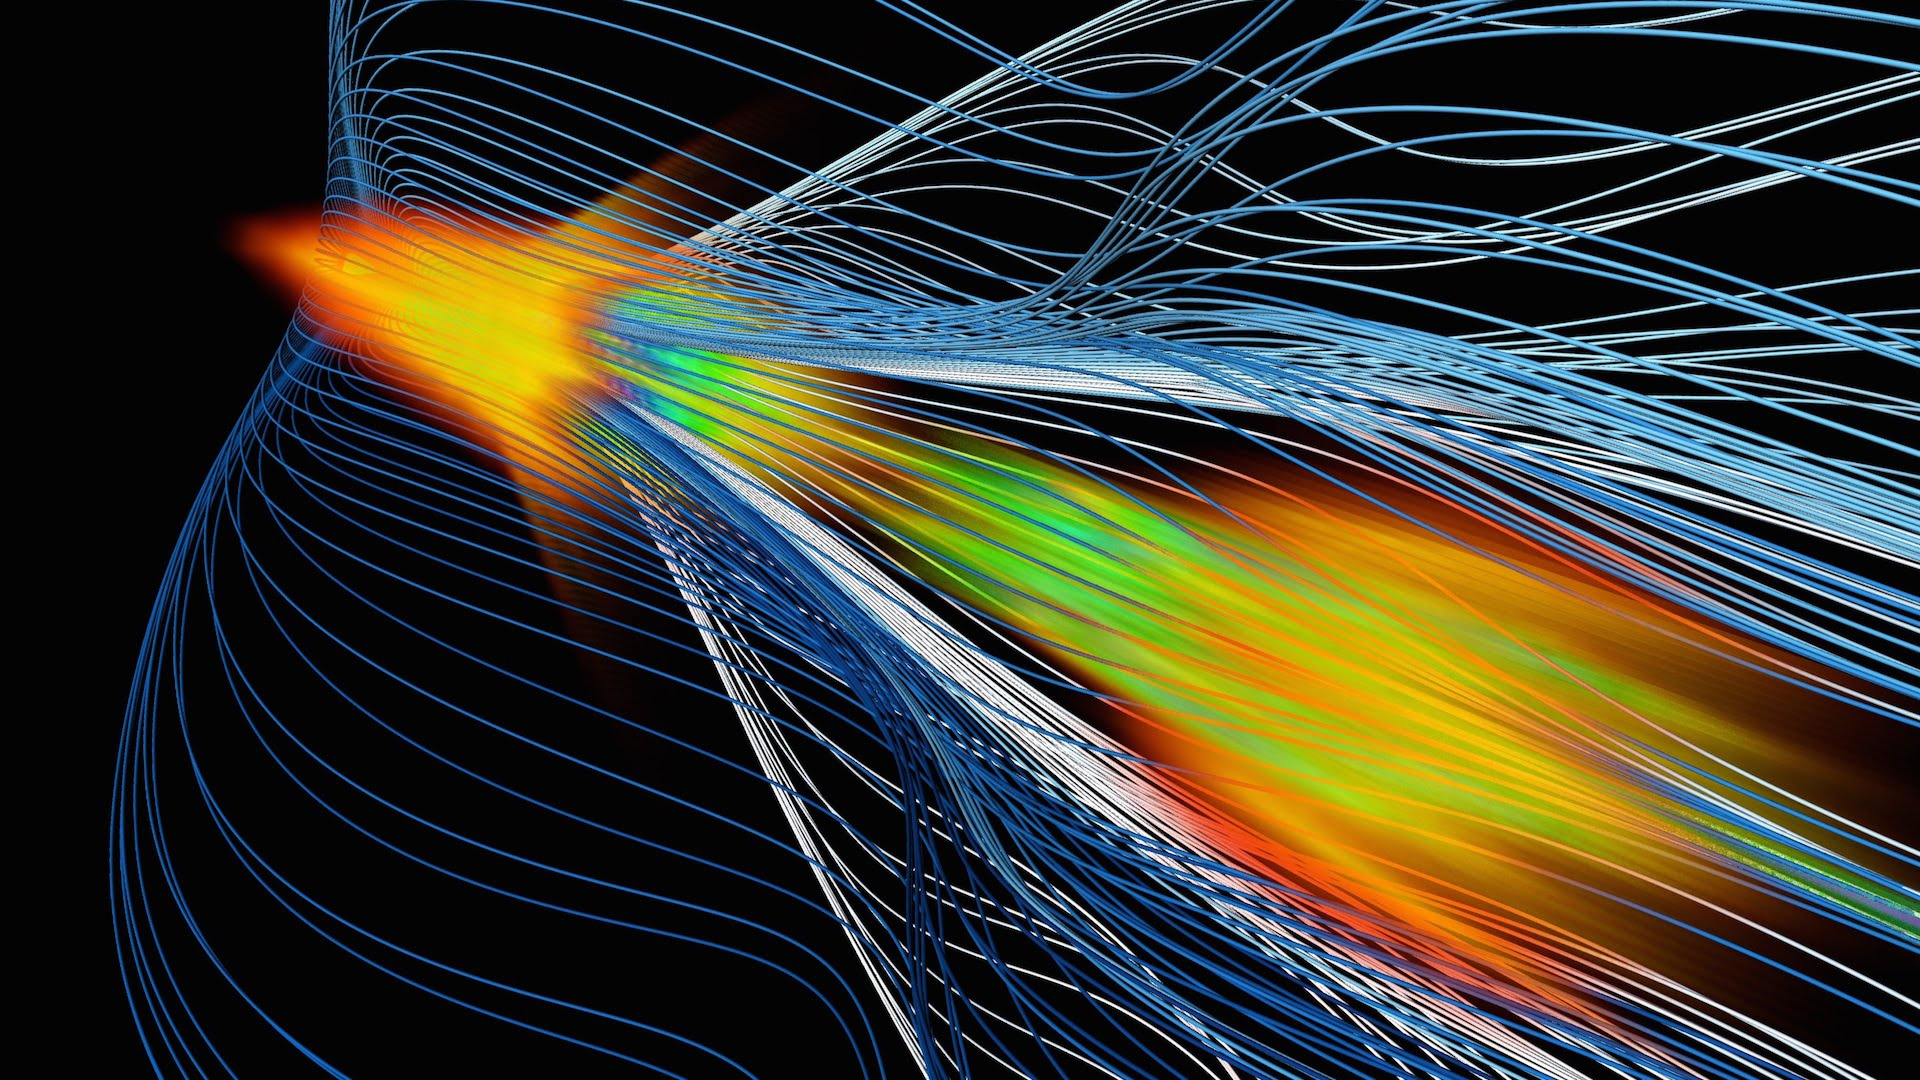 Un esperimento ha accelerato gli elettroni alla velocità della luce